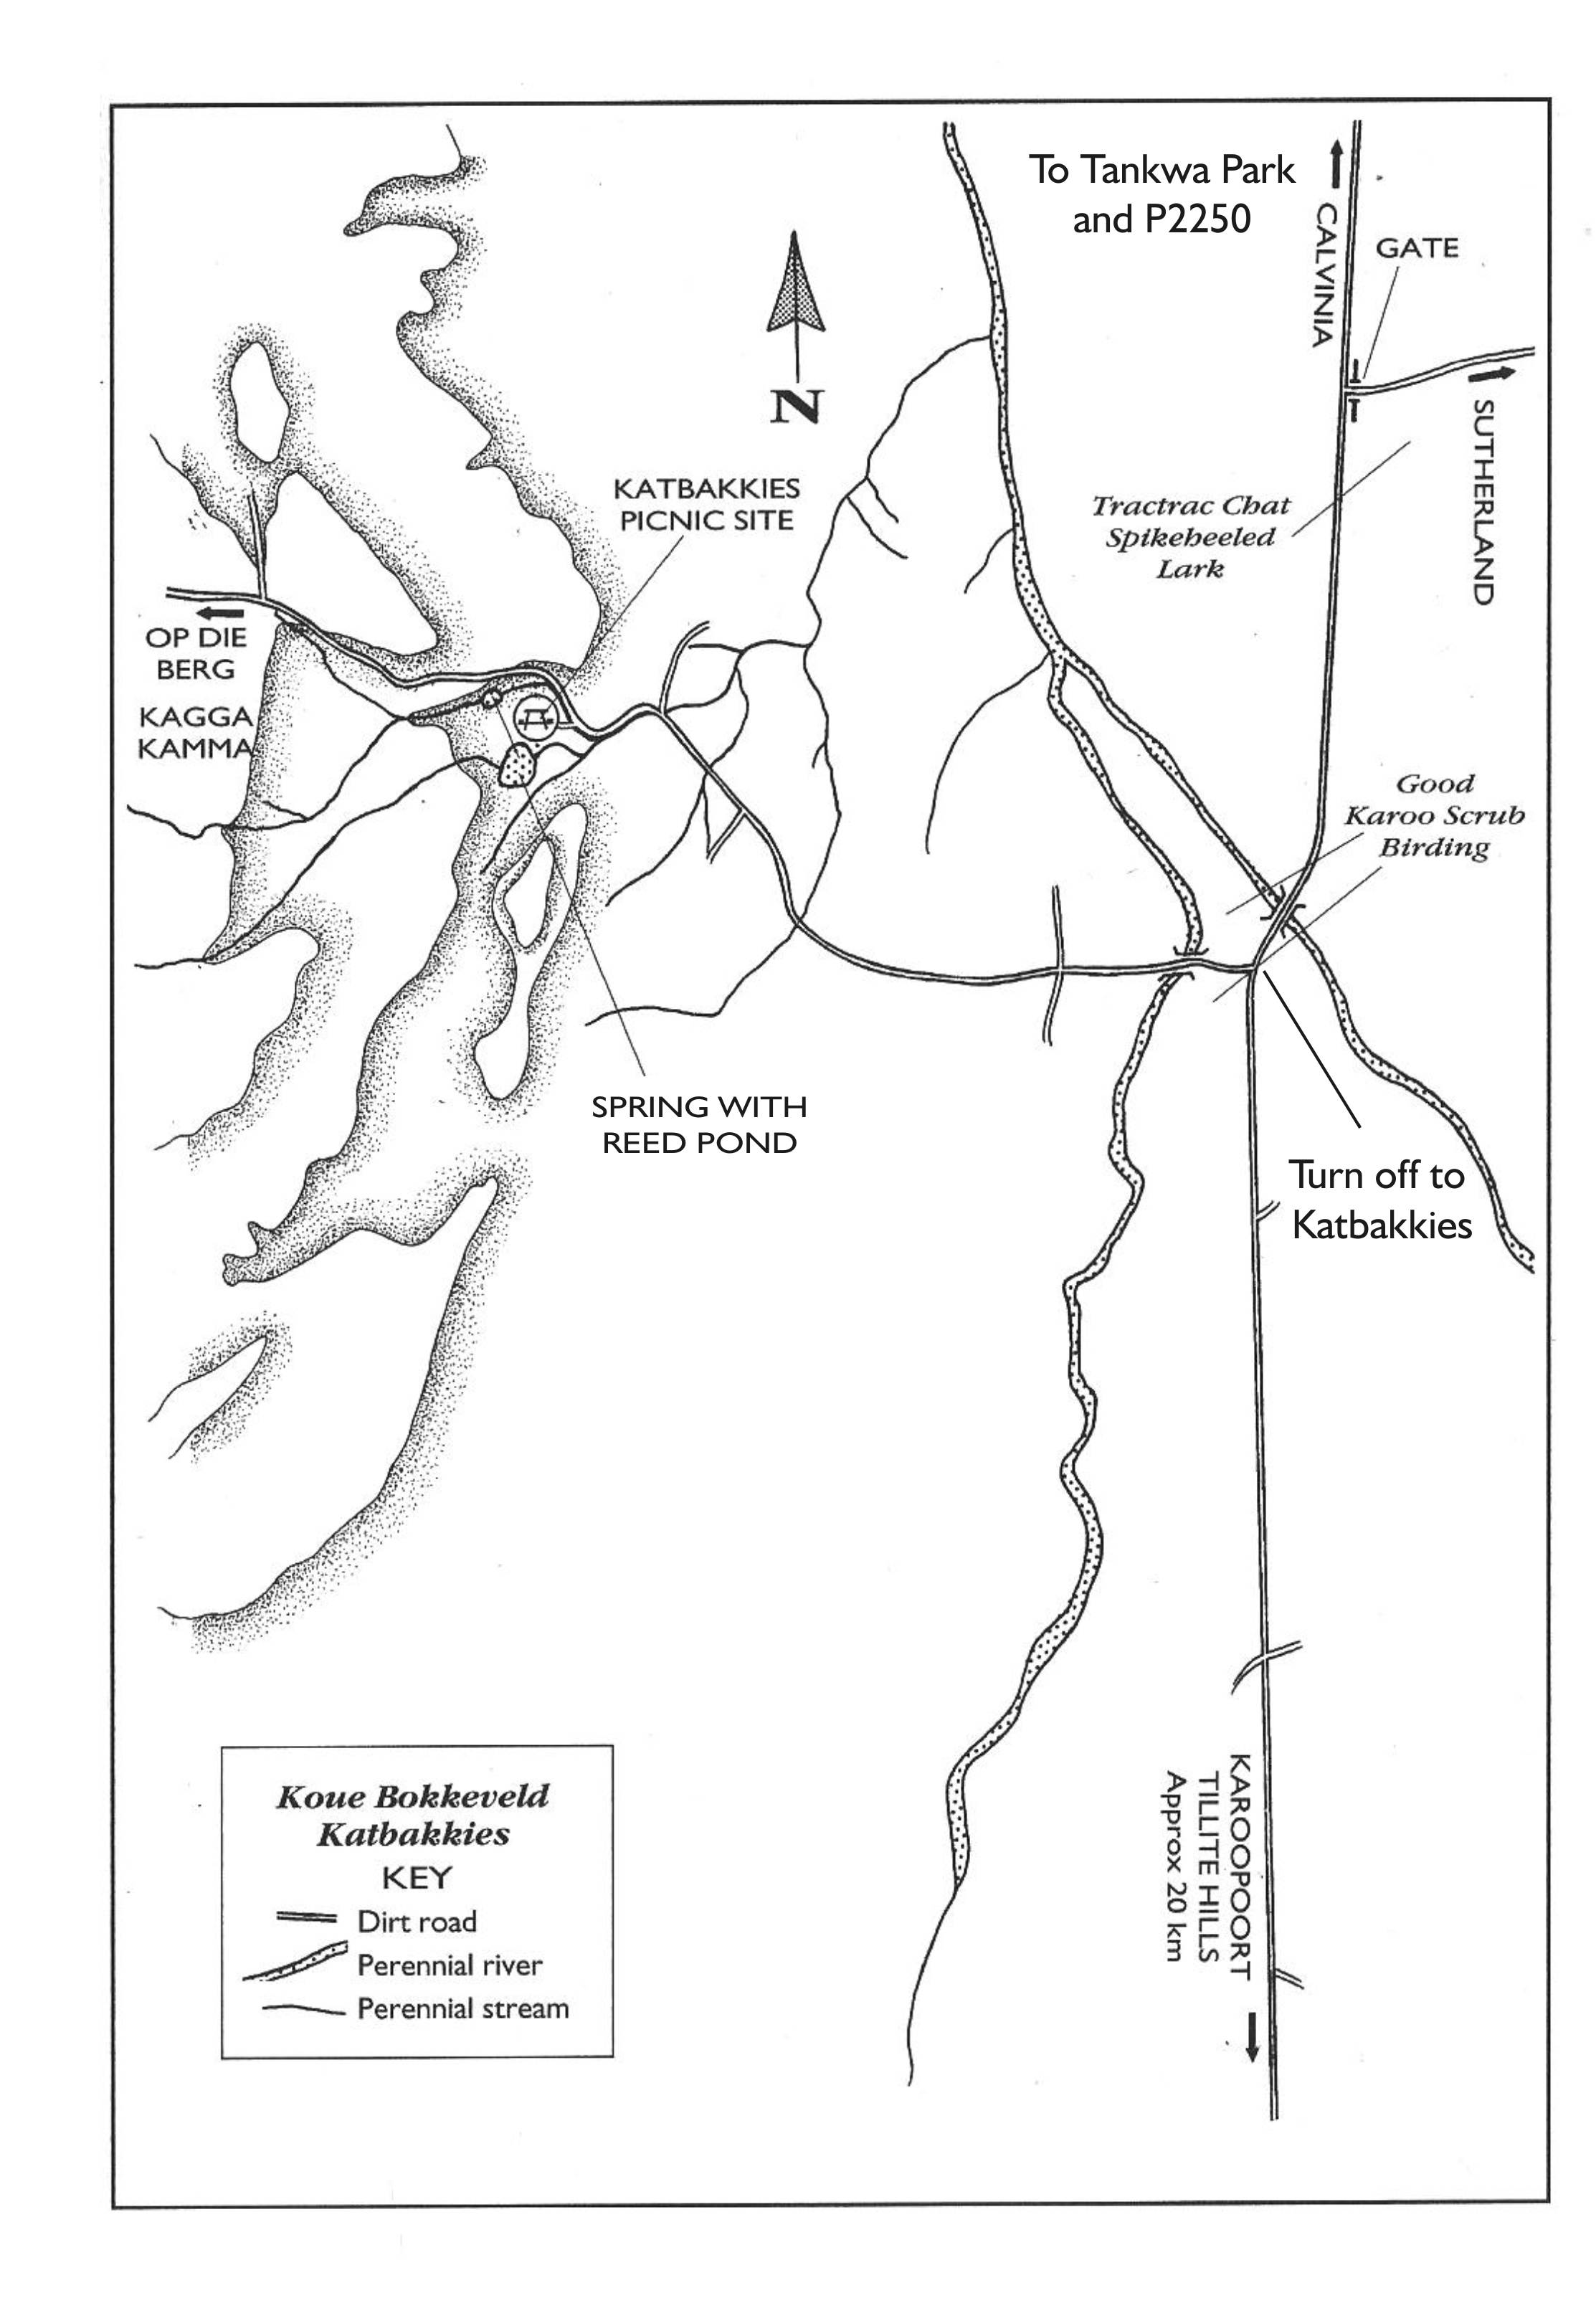 Katbakkies site map